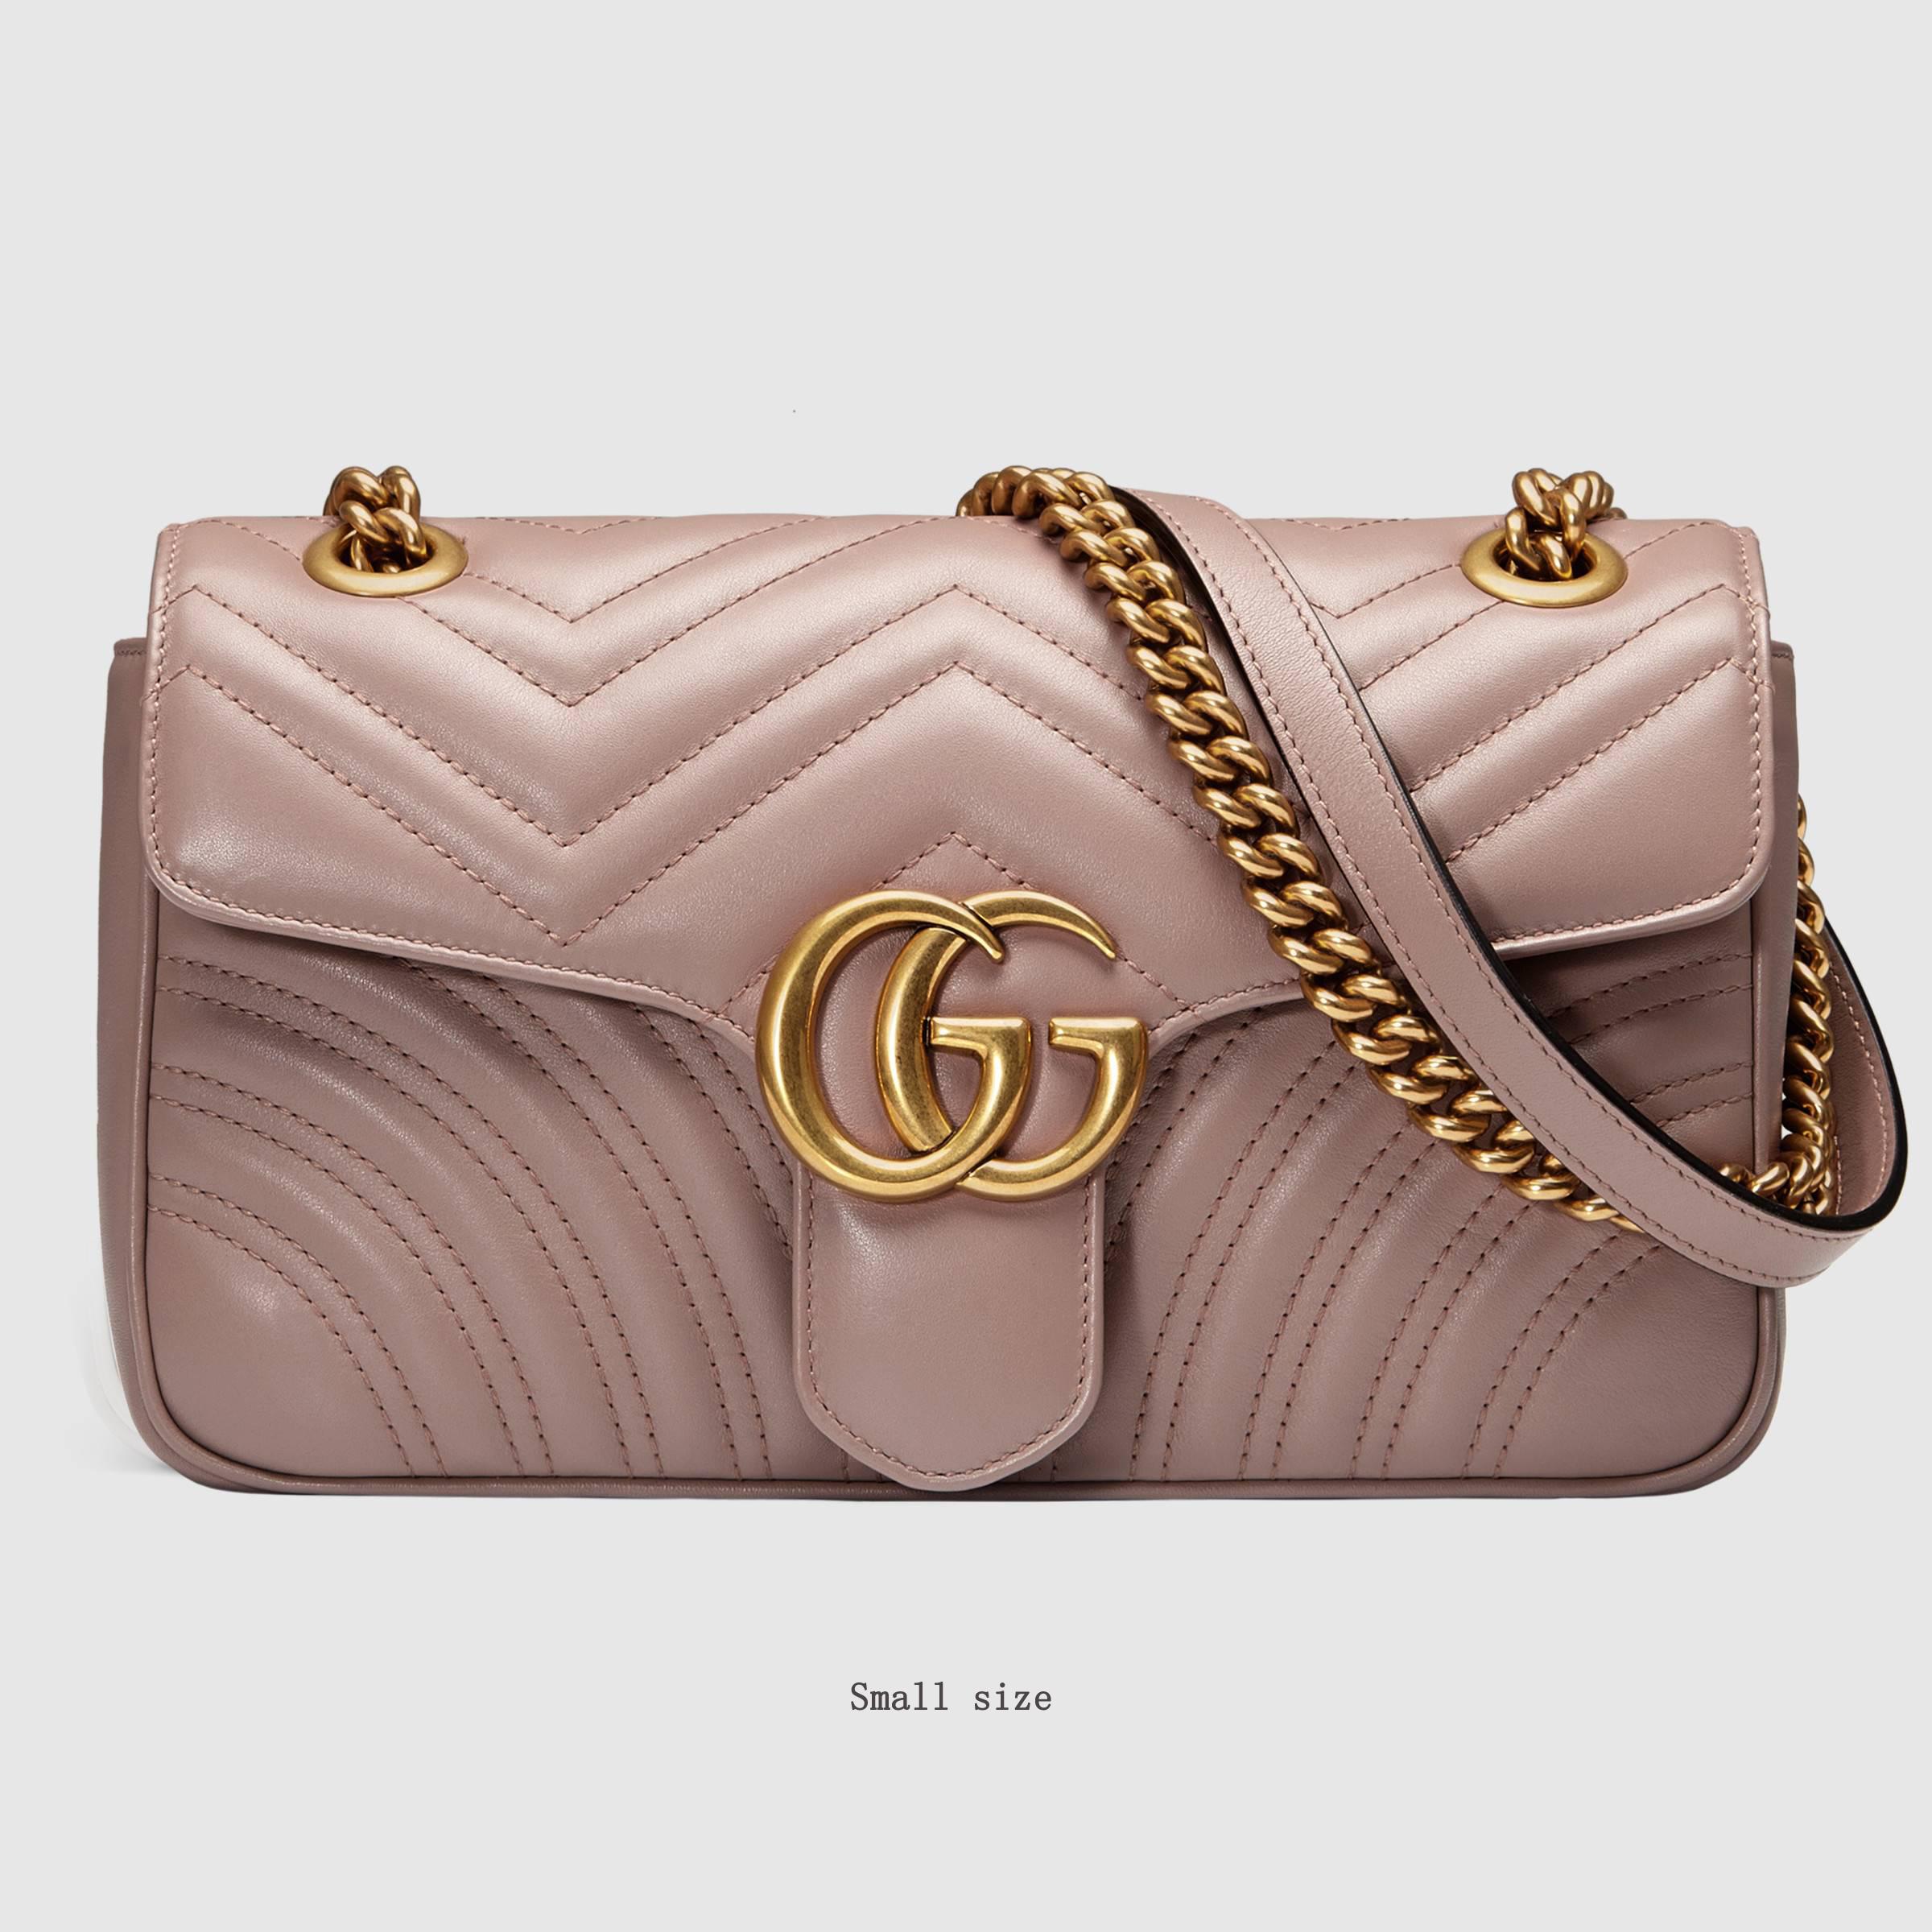 558c4a8869d ... matelassé shoulder bag purse pink gucci marmont medium leather chain  bags for women. 1 9